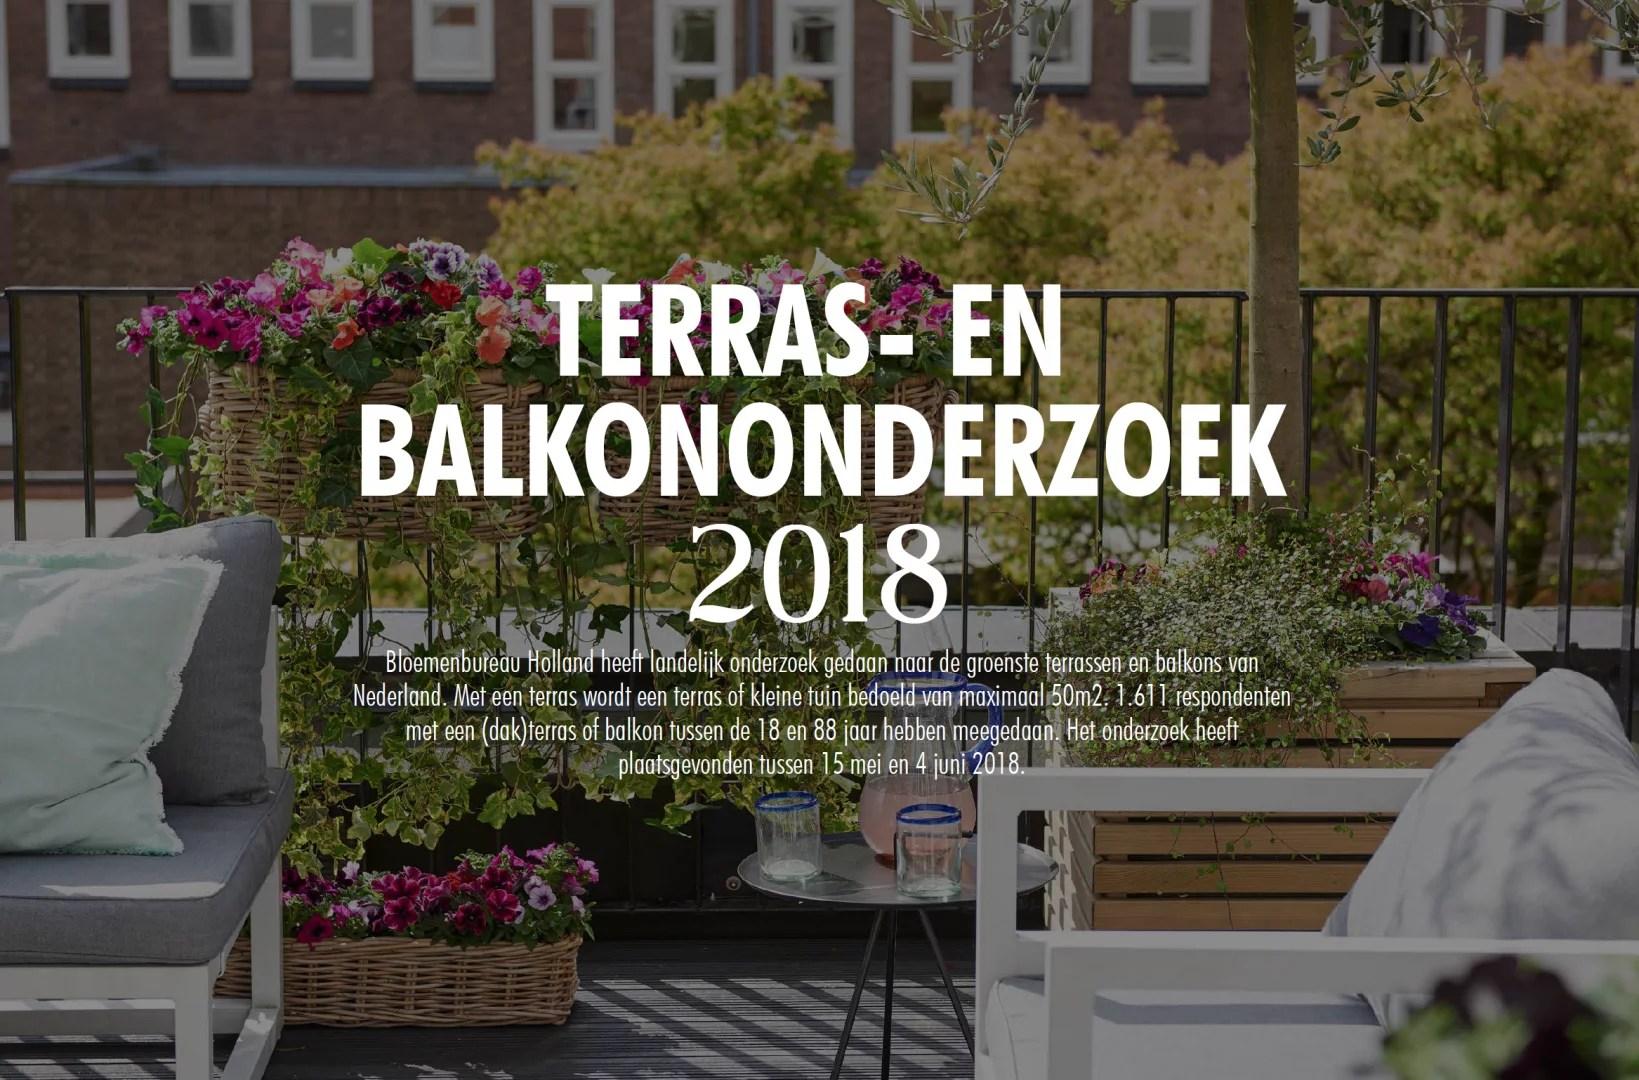 Buitenleven   Het grote terras- en balkononderzoek 2018 - 2019 // Lifestyle & woonblog StijlvolStyling.com (Beeld: Bloemenbureau Holland)